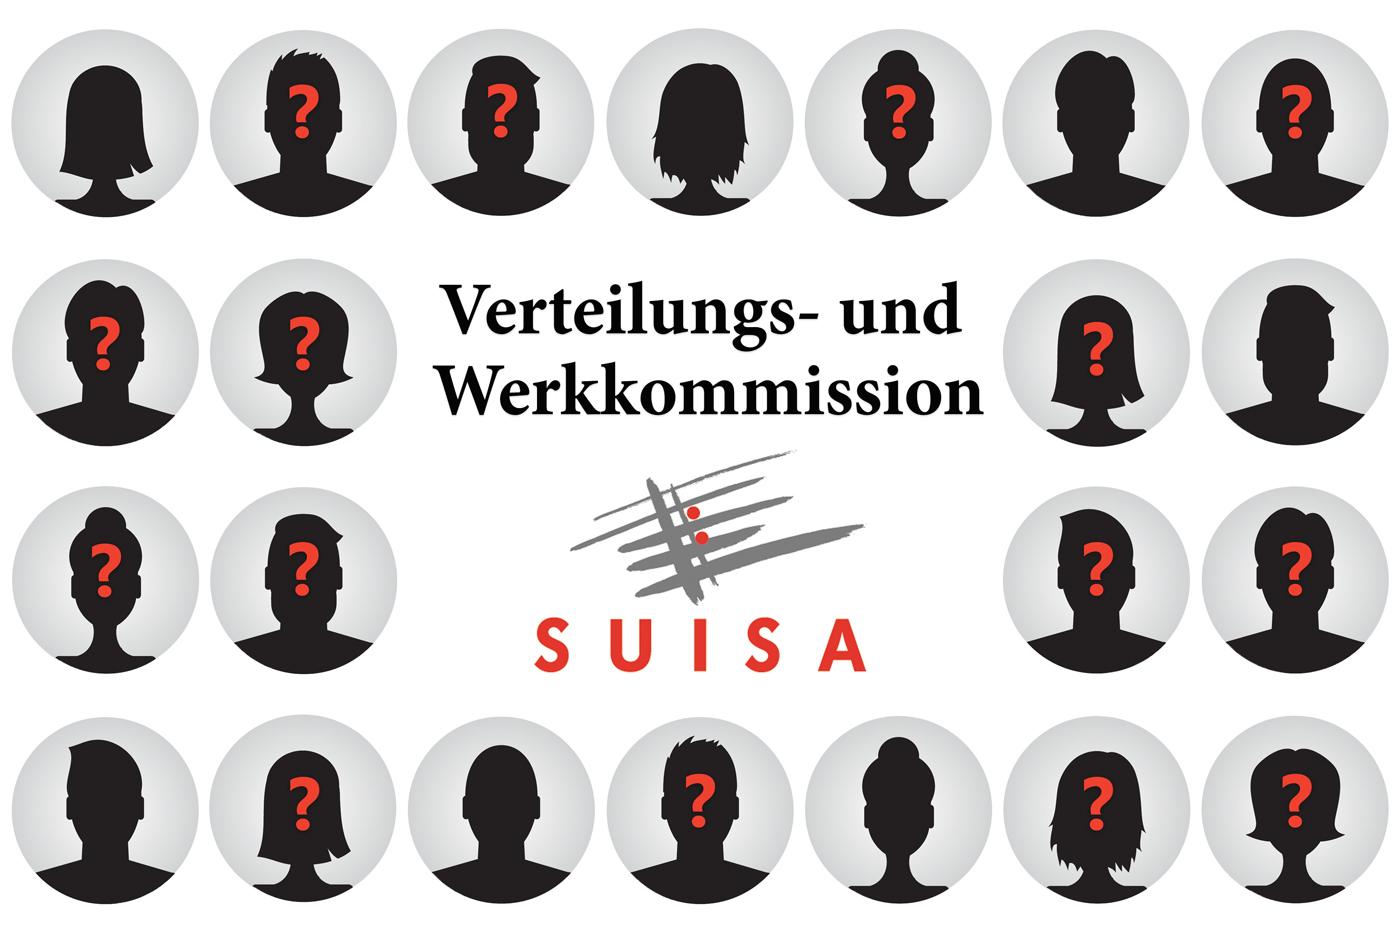 VWK-Kandidaten-Ersatzwahl